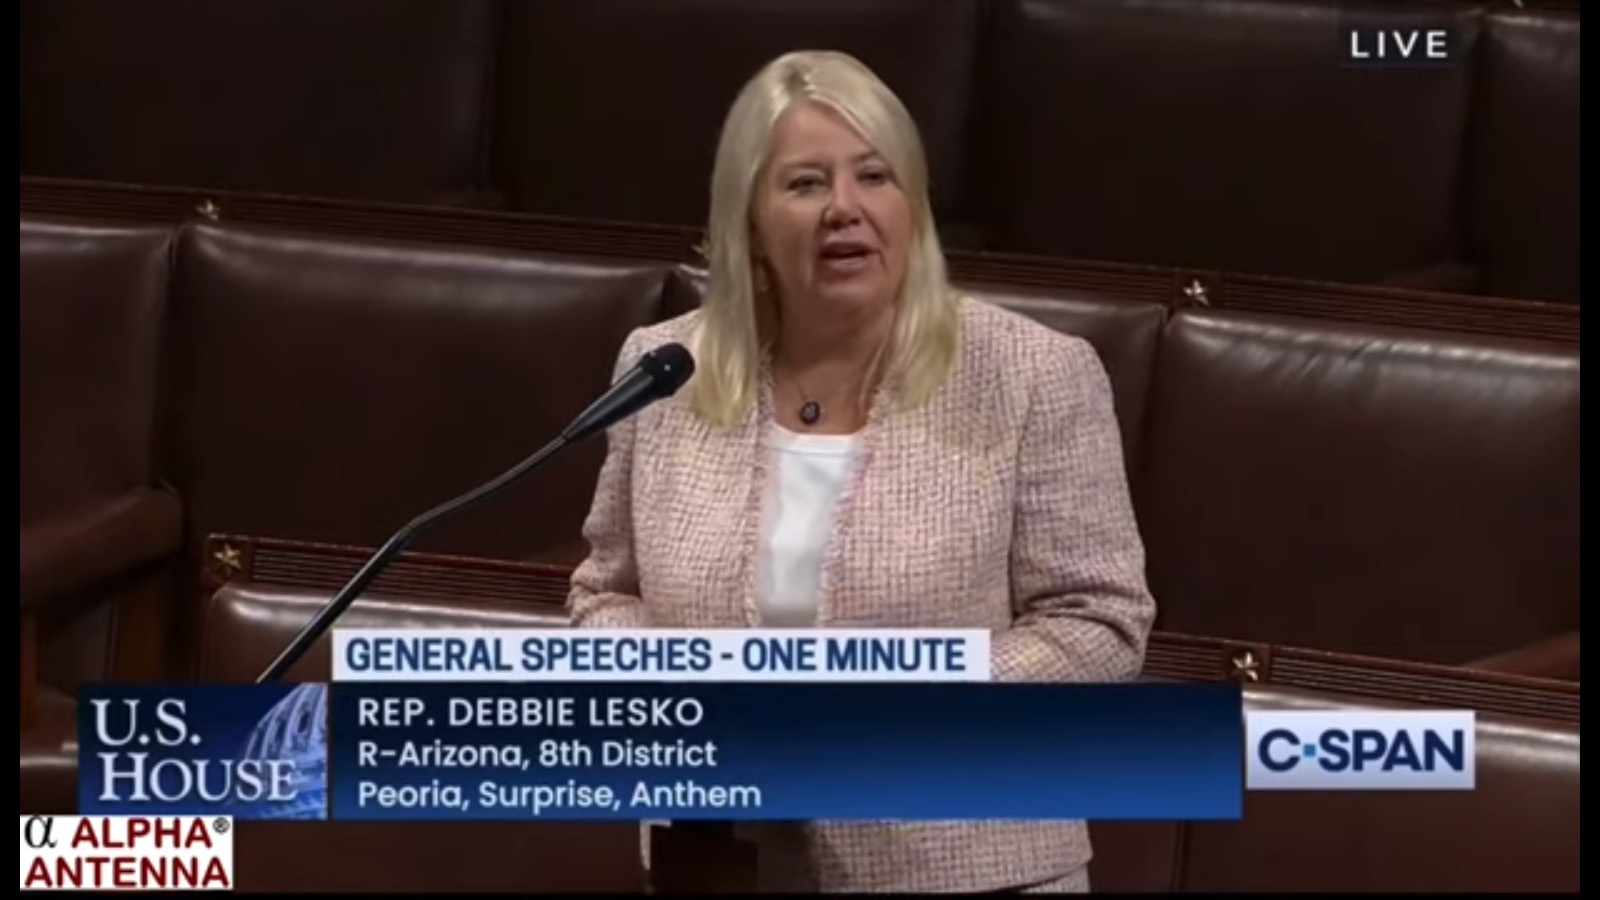 今月のYouTube「米下院の1分間スピーチで,アマチュア無線の社会貢献に言及」